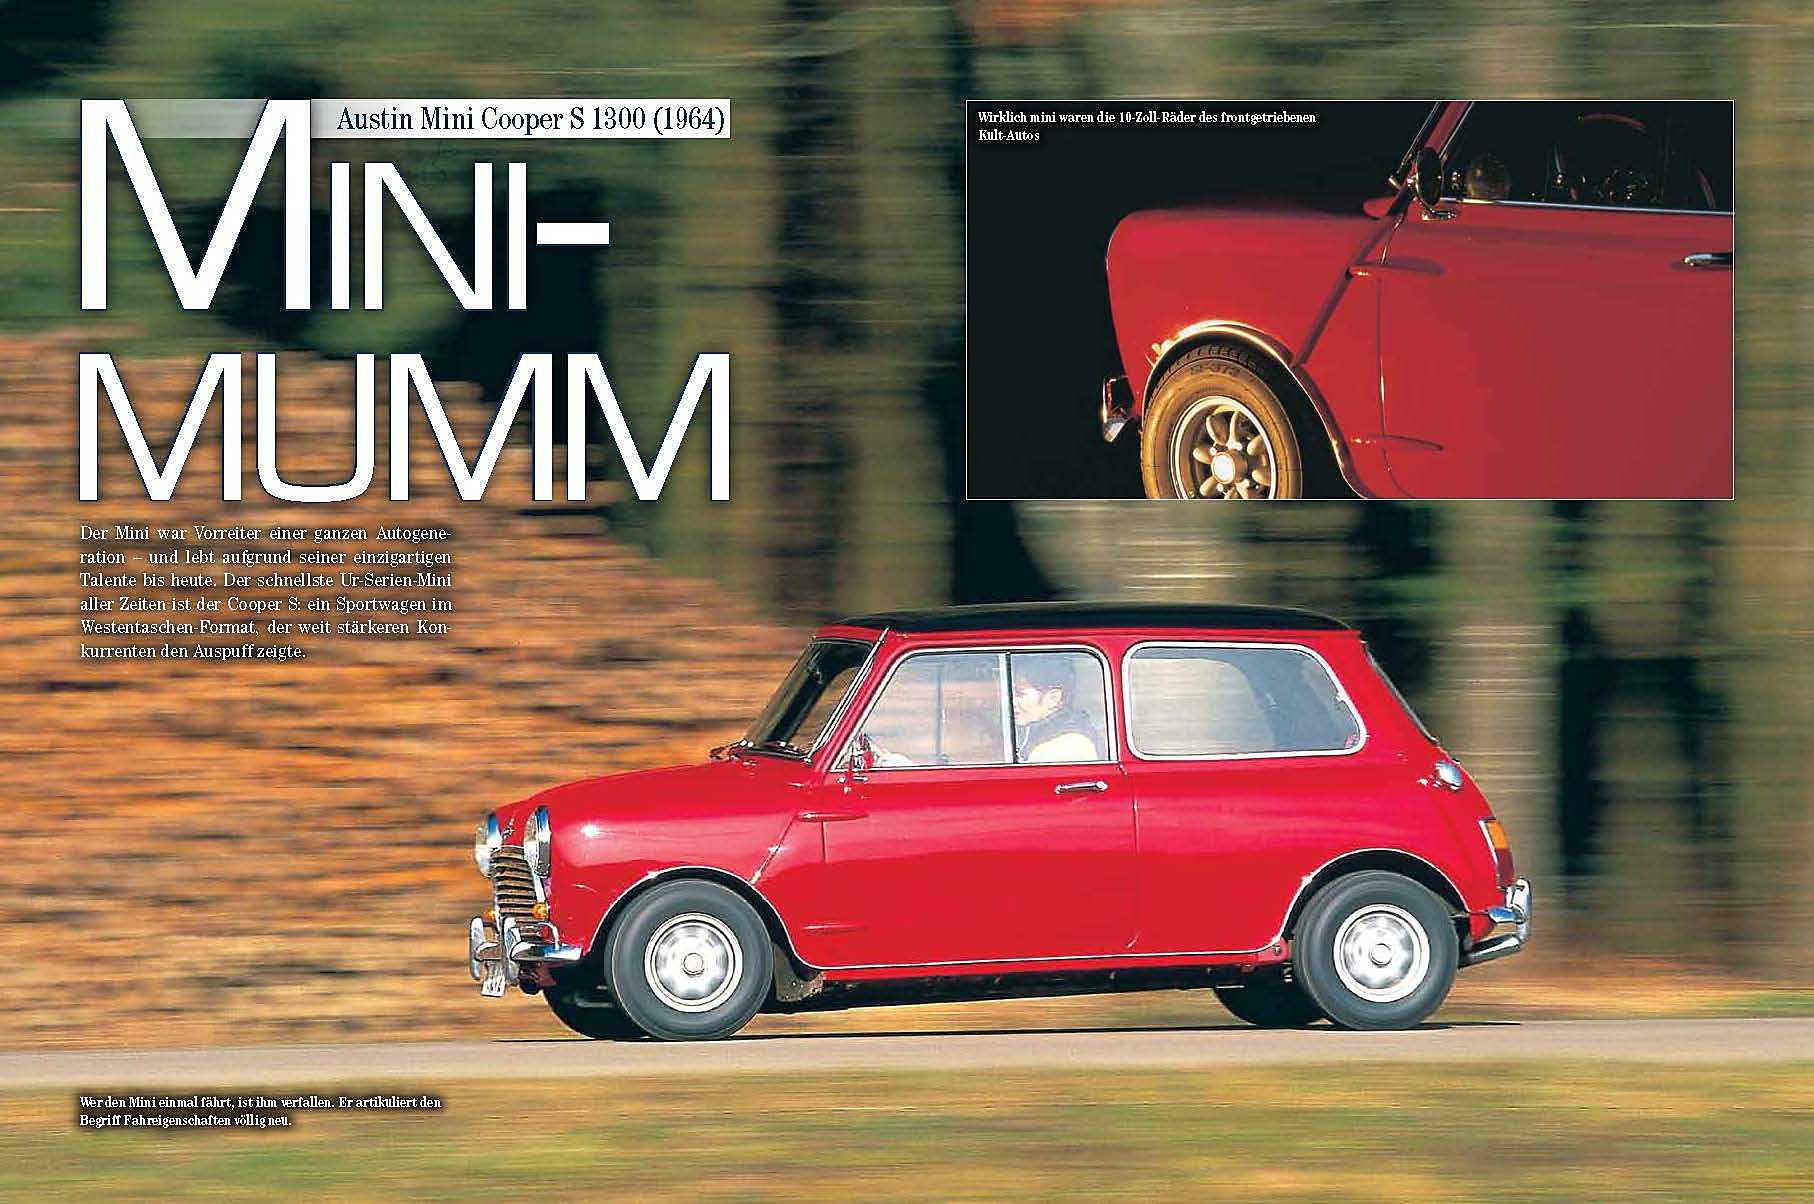 Kultautos Der 60er 70er Und 80er Jahre Weltbild Ausgabe